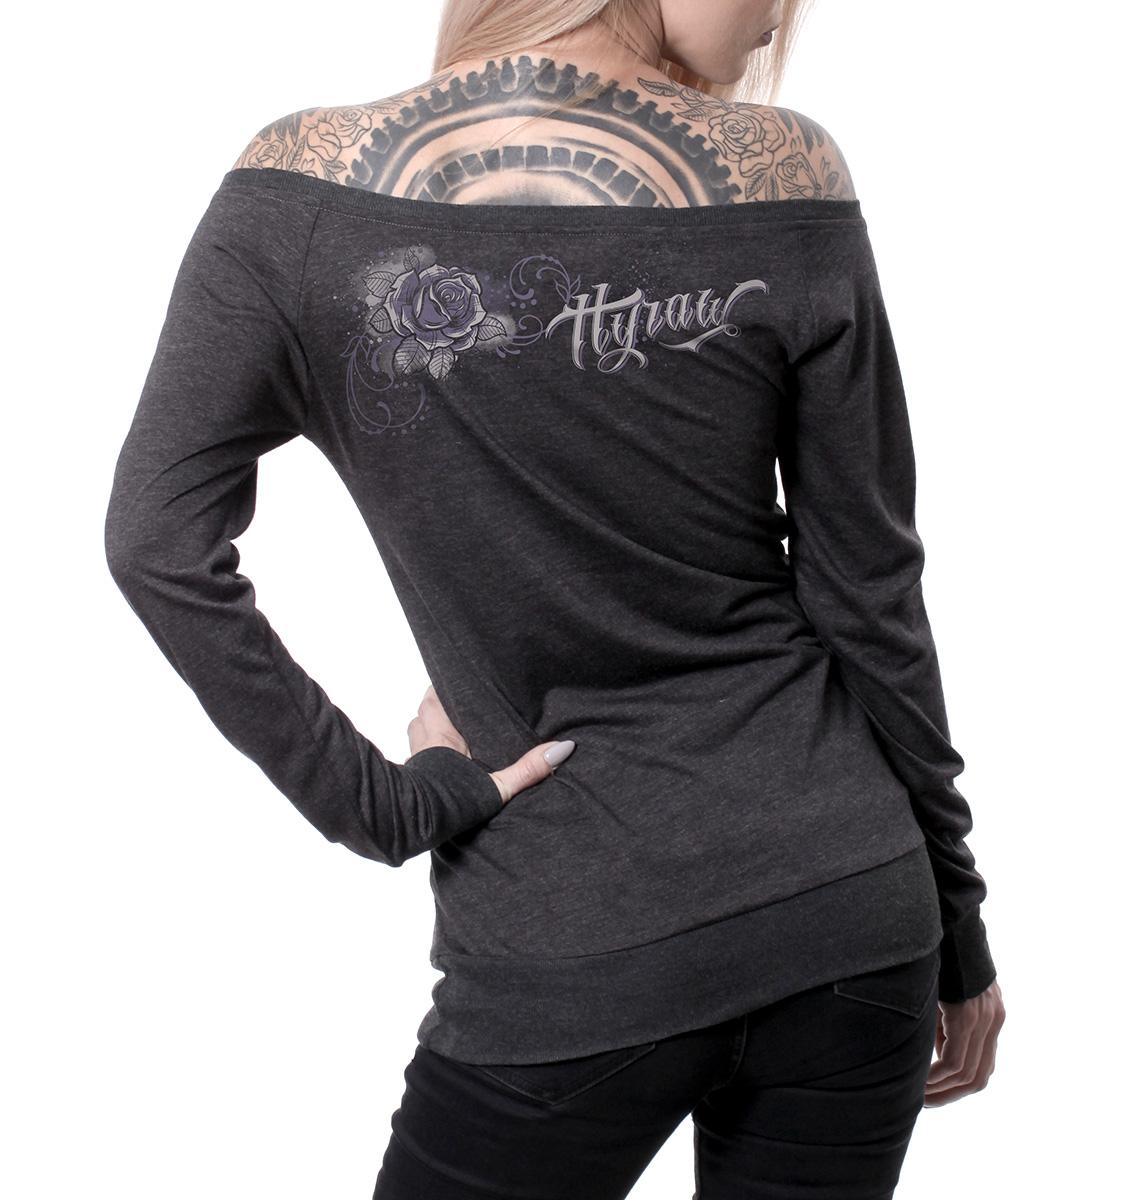 9b8e944ee5a4 Dámske tričko dlhý rukáv Hyraw CRANEO